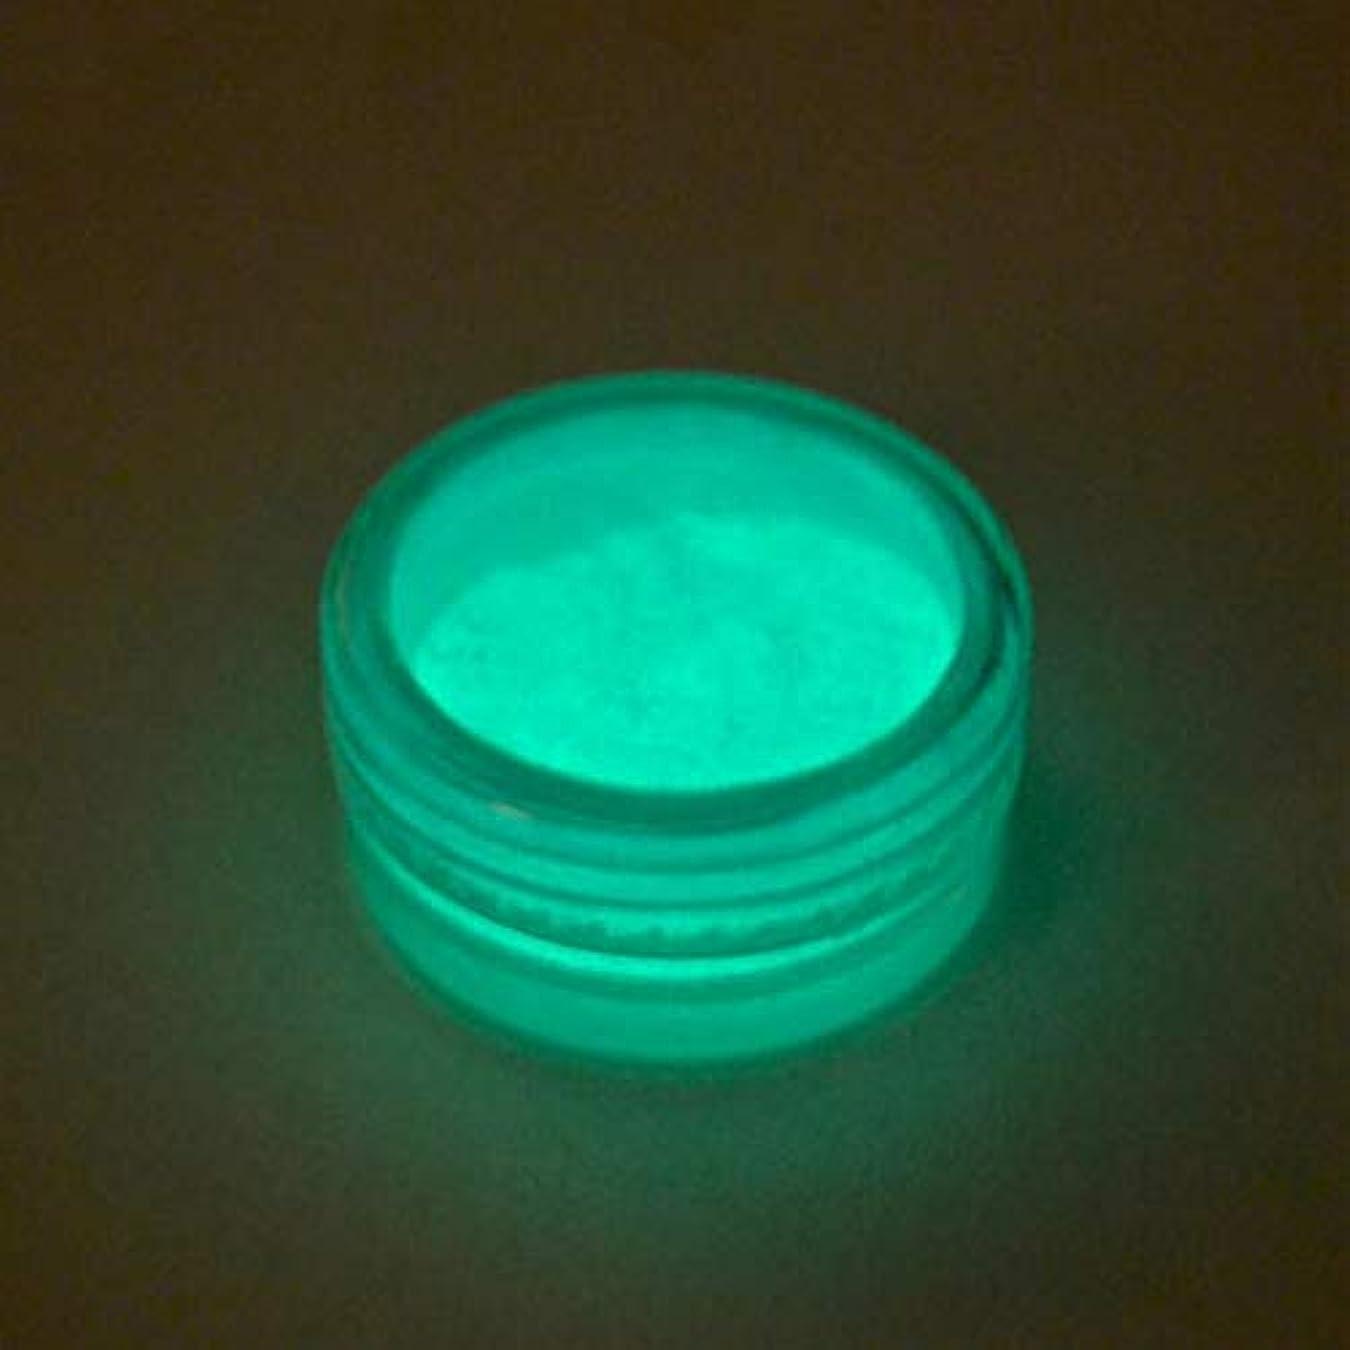 温度確執ラバダーク砂パウダー顔料ダストルミナスネイルグリッターホログラフィックグリッターで1個蛍光粉DIY明るいネイルアートグロー,6